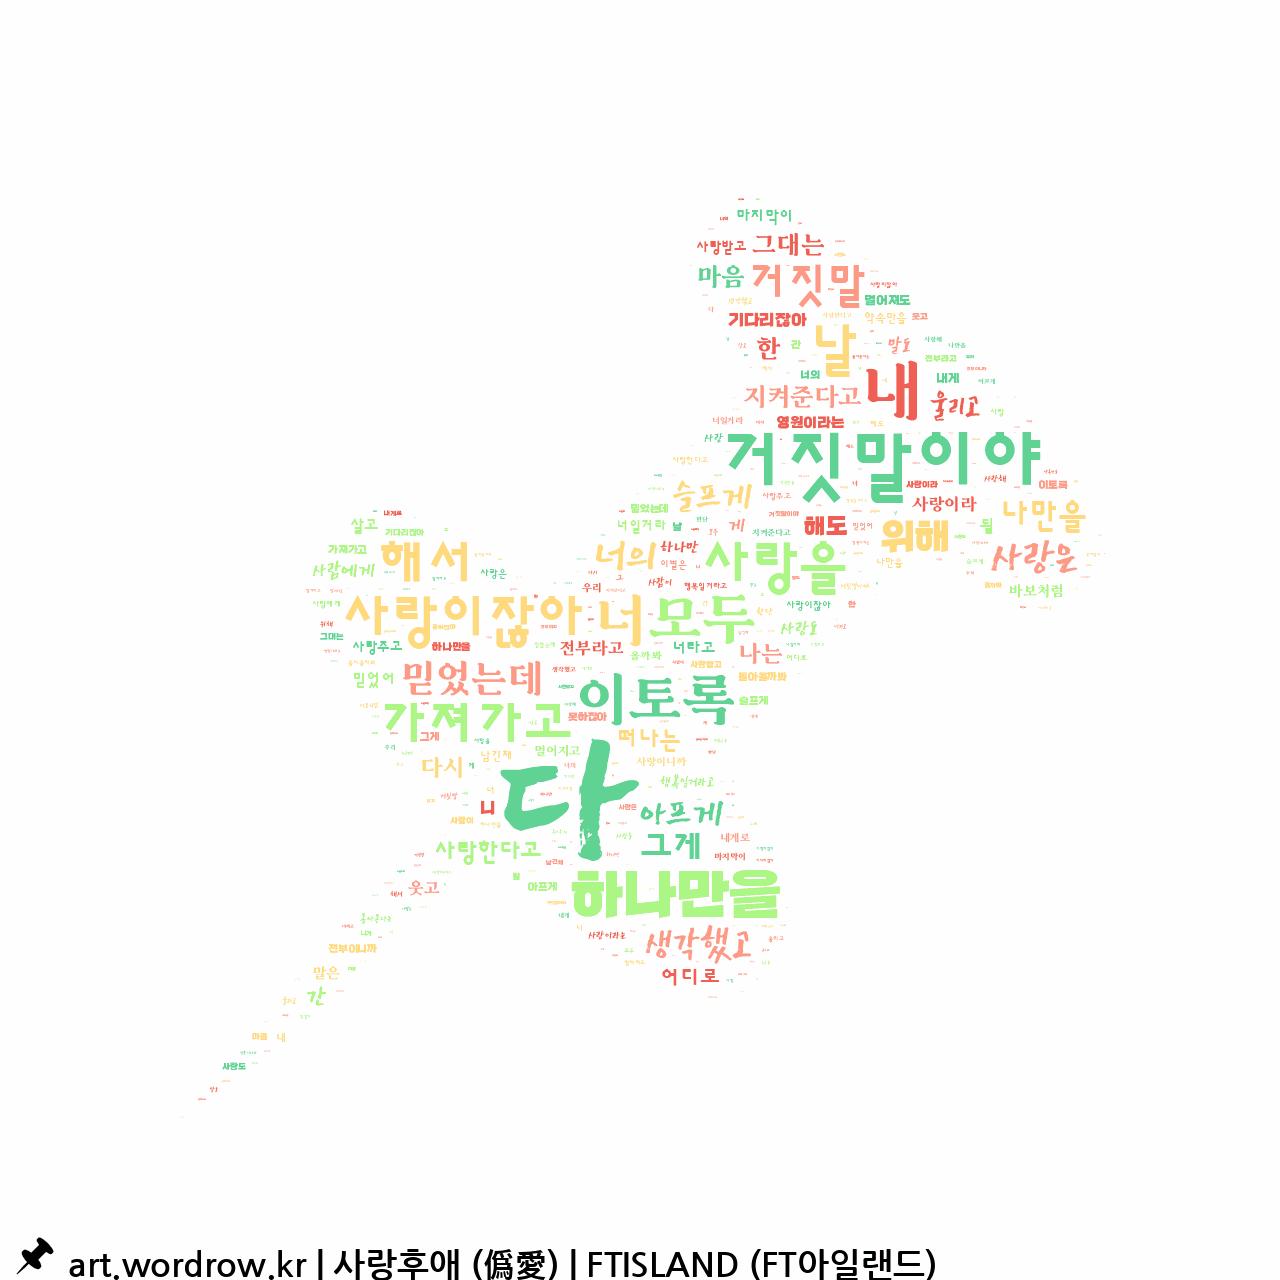 워드 아트: 사랑후애 (僞愛) [FTISLAND (FT아일랜드)]-6